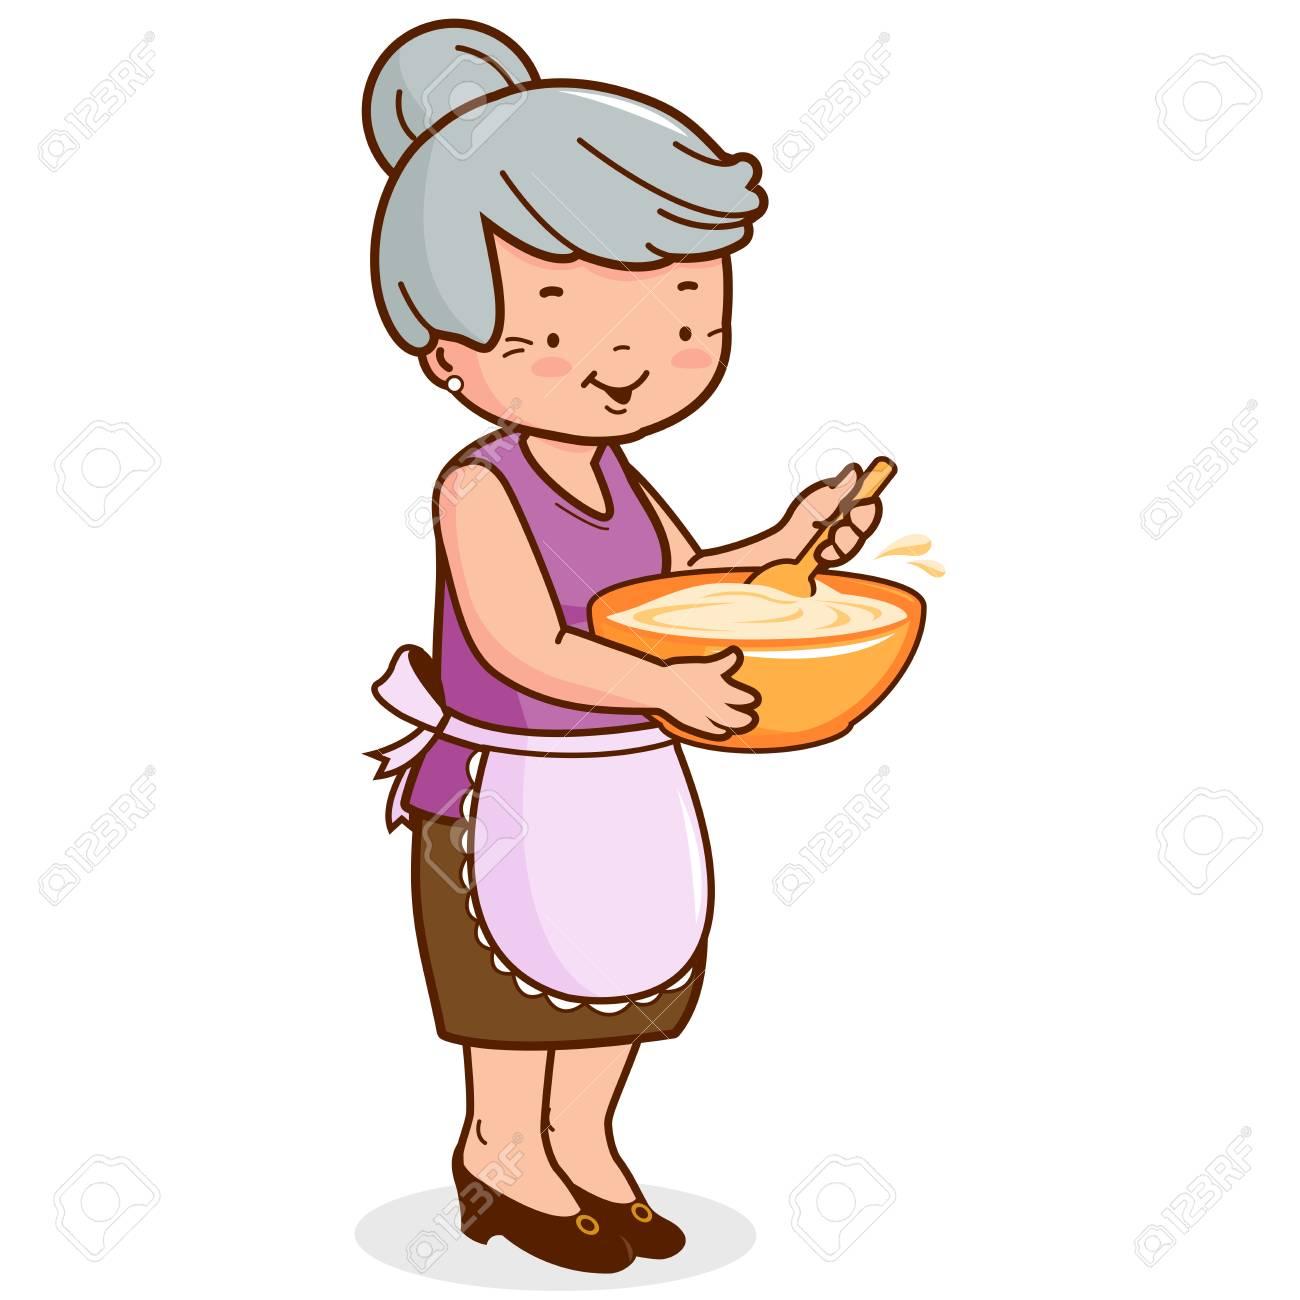 Grandma cooking - 84749048